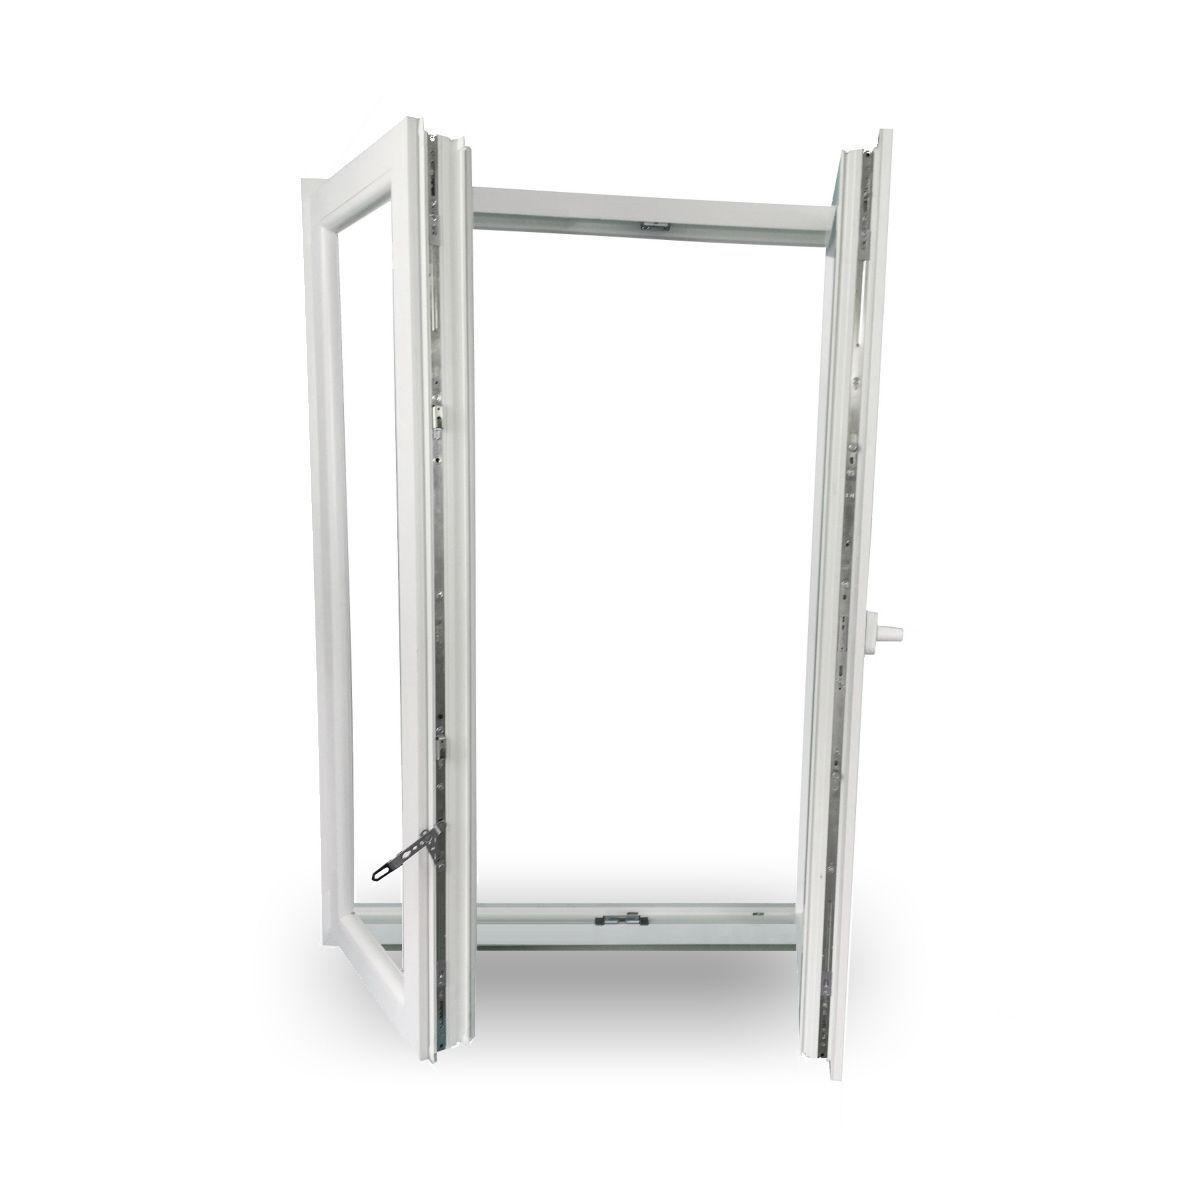 Fenster Kunststofffenster Stulpfenster 2-Flügel 3-Fach Verglasung ABVERKAUF